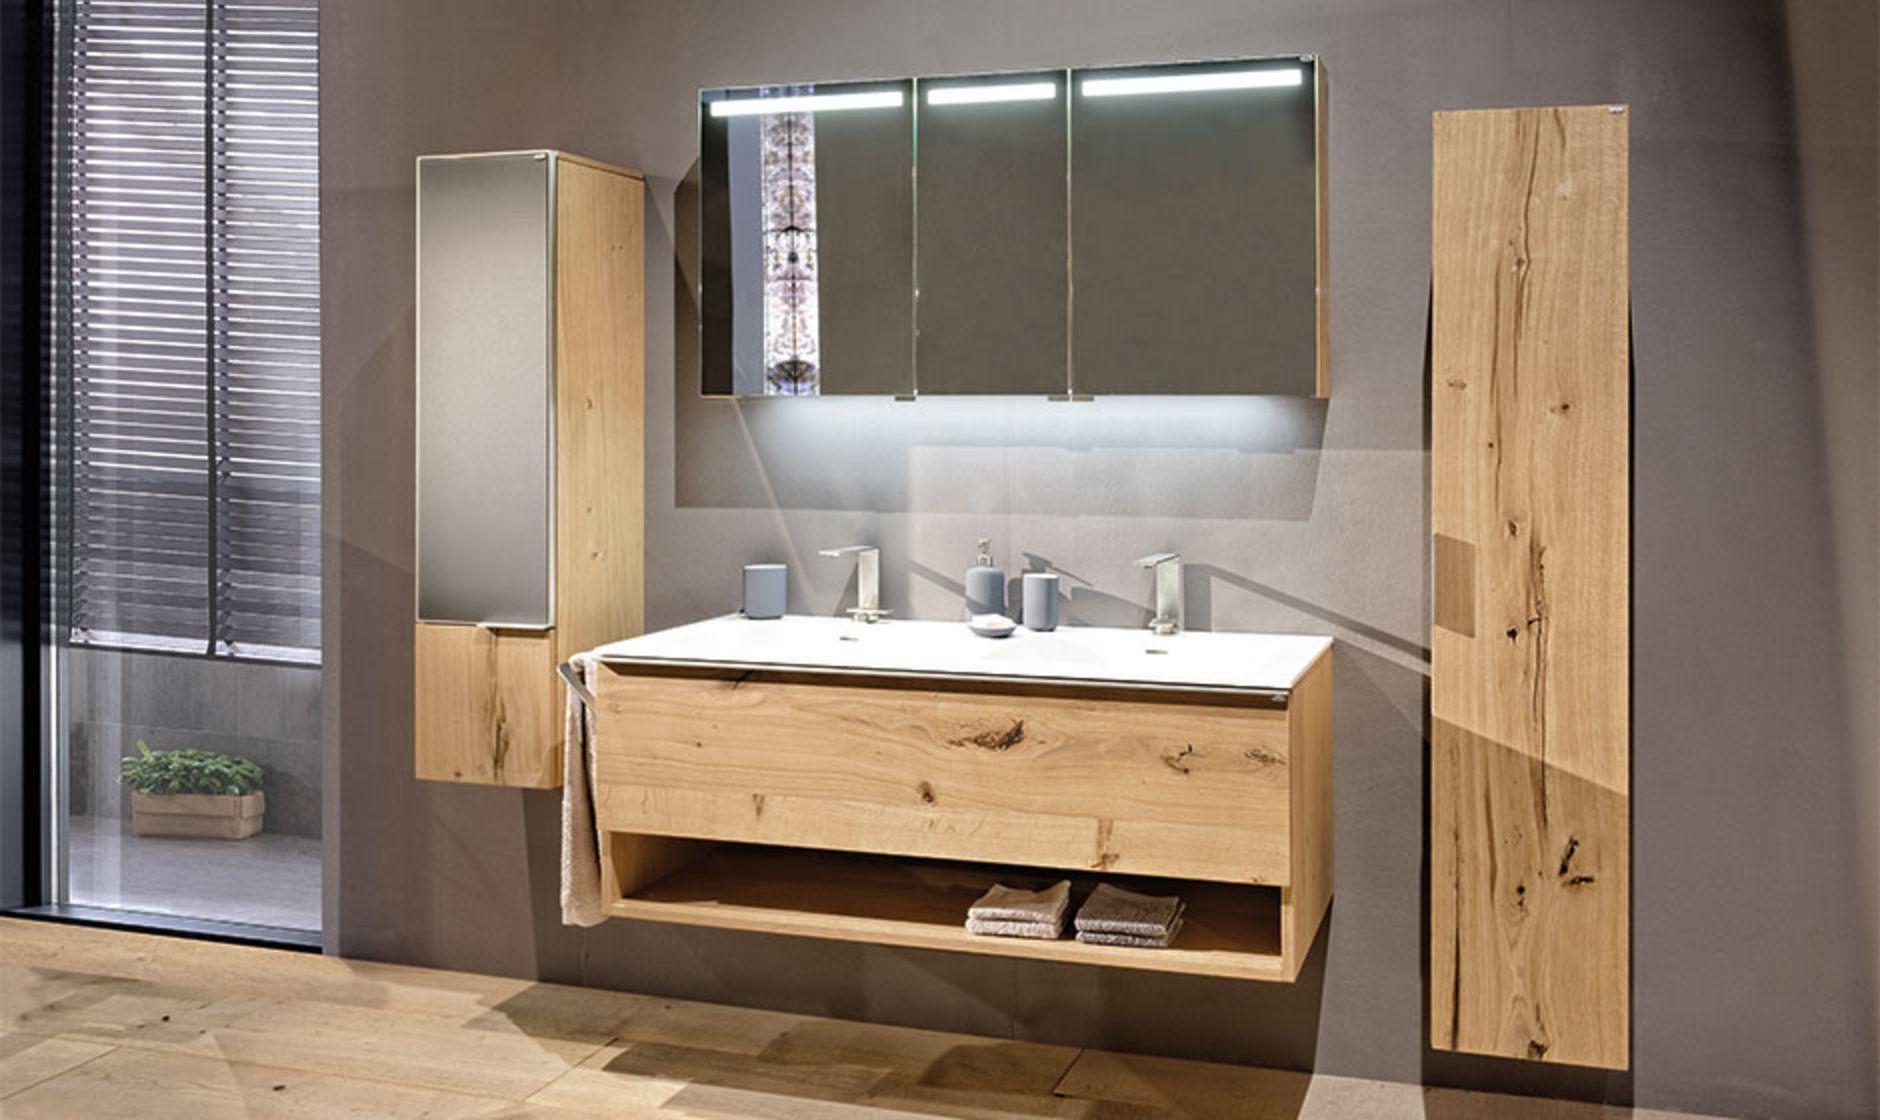 13 Valpin Badezimmermobel Von Voglauer Badgestaltung In Mit Bildern Badspiegelschrank Badezimmer Dekor Diy Badezimmer Mobel